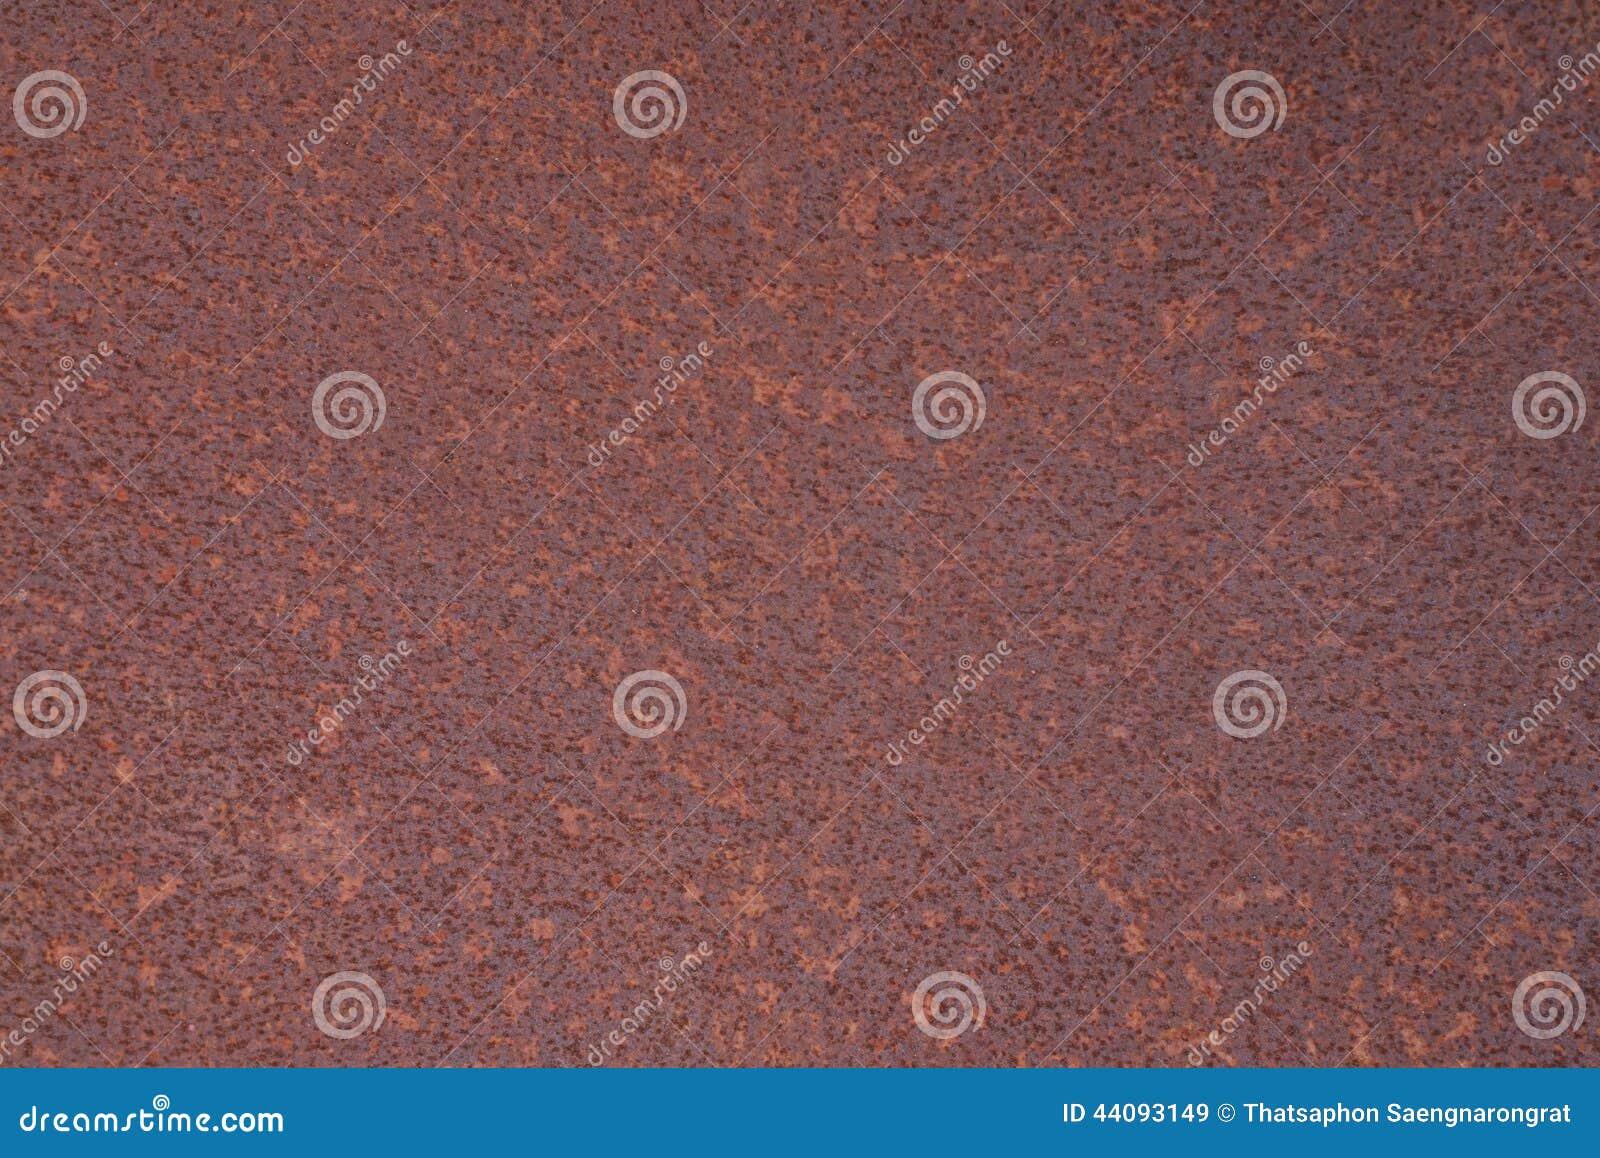 Textura da oxidação do ferro do Grunge, fundo de aço velho da corrosão